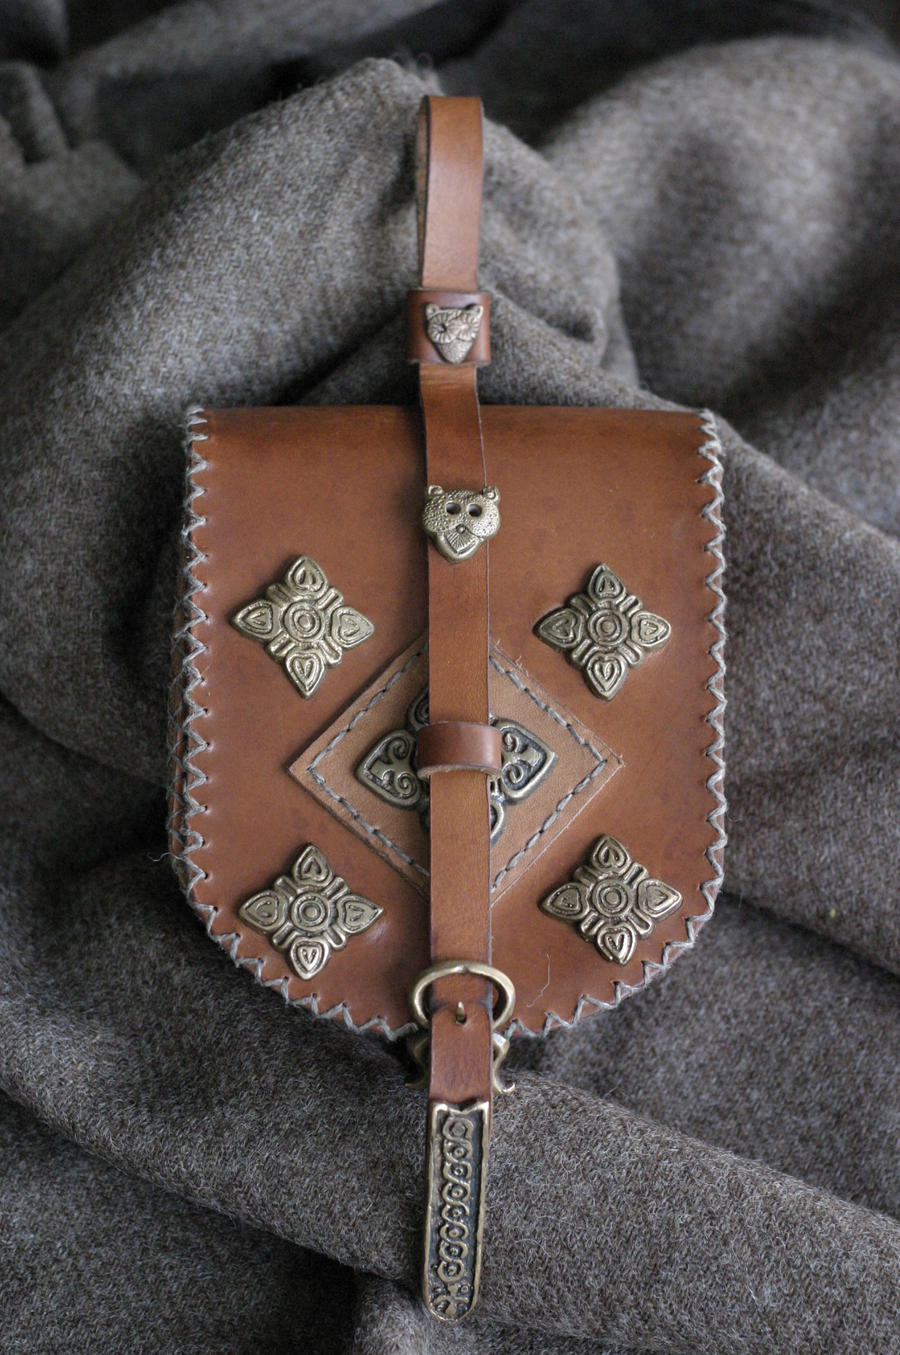 Big Bag Bling by VendelRus